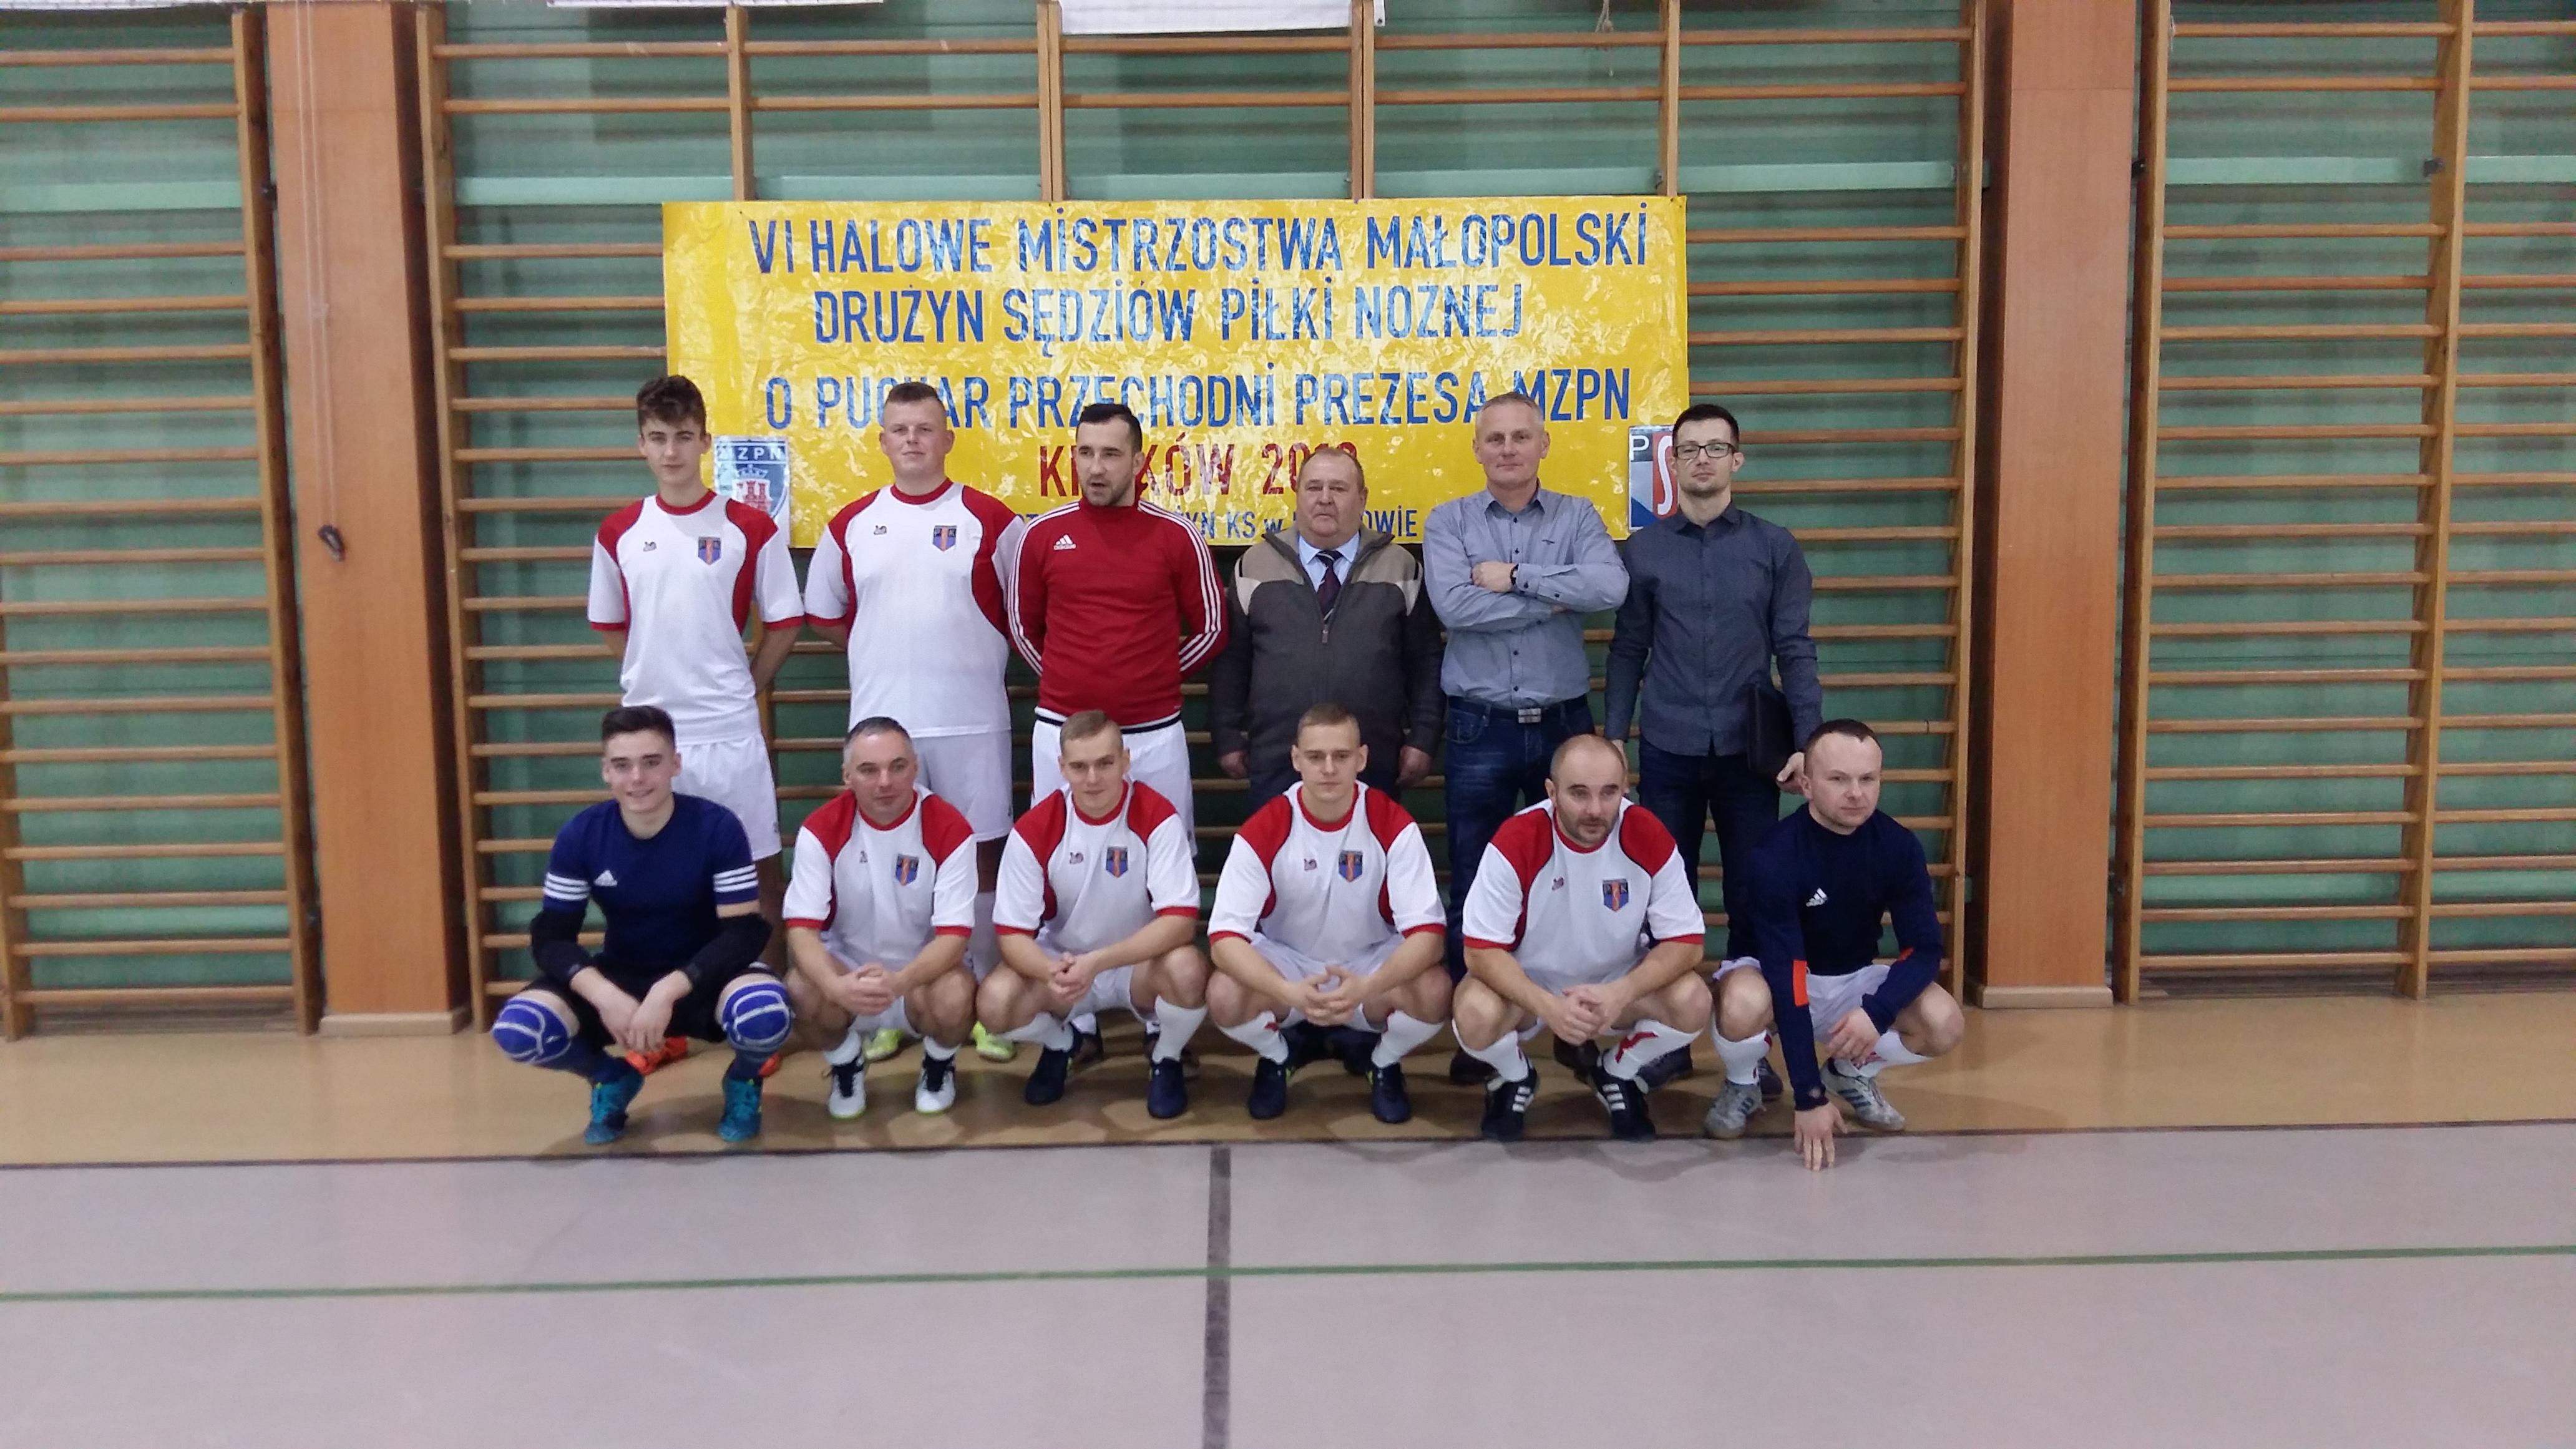 Reprezentacja sędziów z Podokręgu Piłki Nożnej w Oświęcimiu walczyłą w halowych mistrzostwach Małopolski w Krakowie. Fot. nadesłane